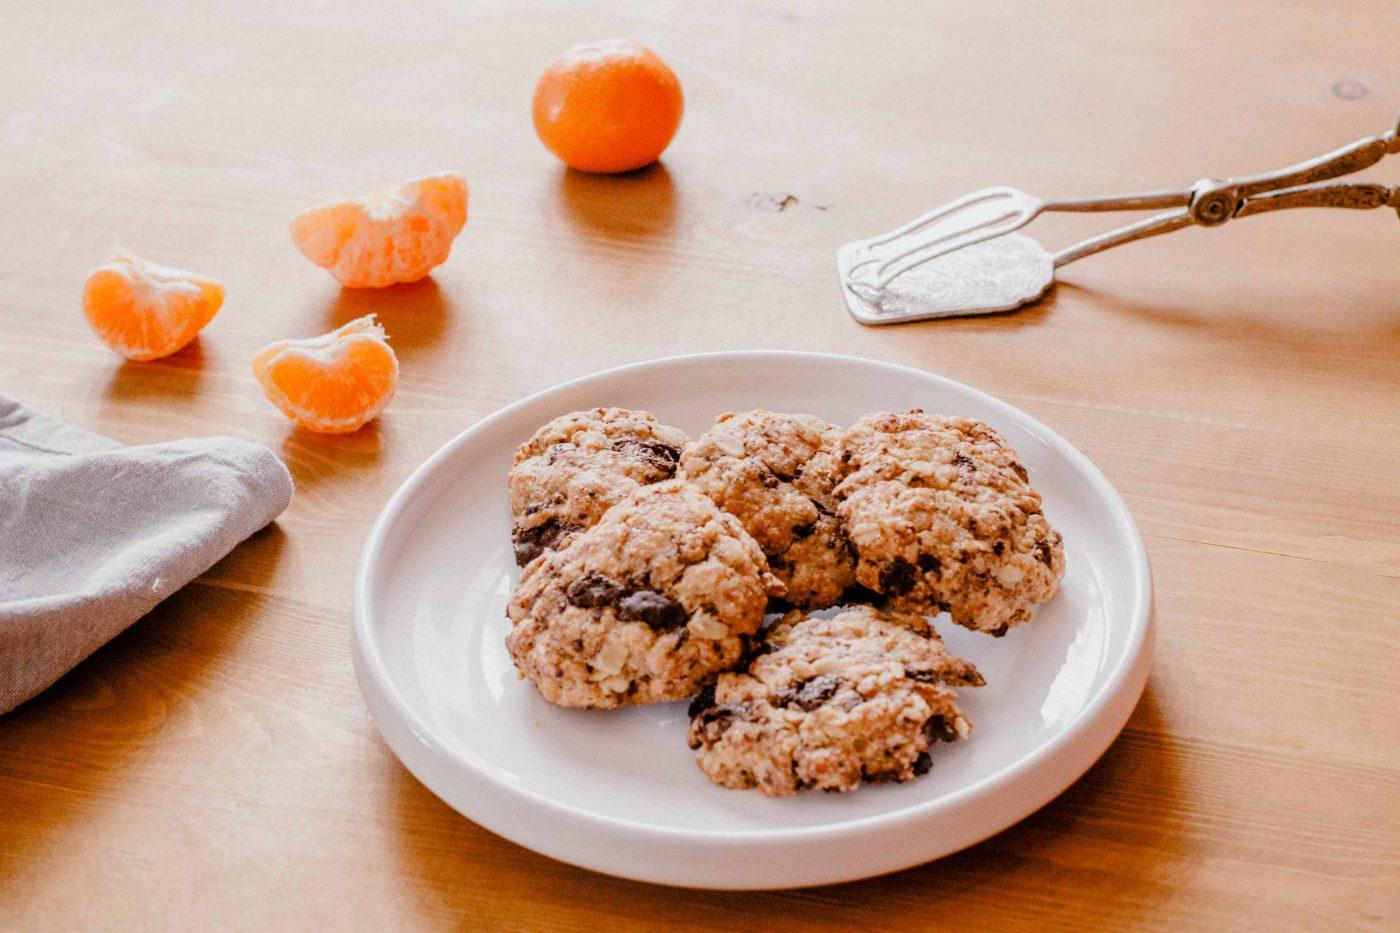 recette cookies aux flocons d'avoine et chocolat sans lactose